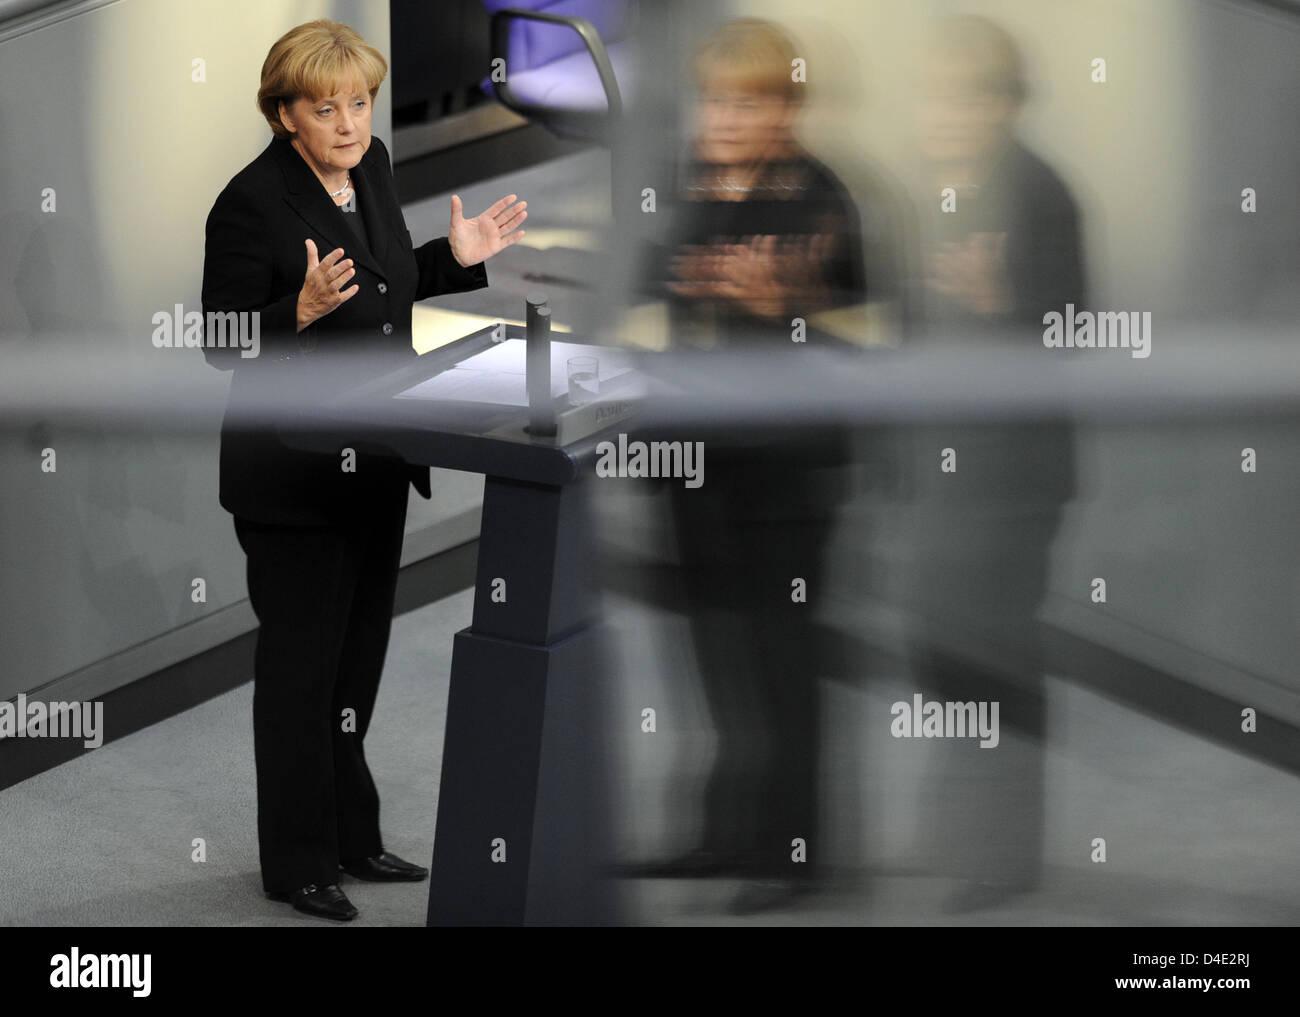 La chancelière allemande Angela Merkel propose une déclaration du gouvernement sur la crise financière mondiale au Bundestag, Berlin, Allemagne, 7 octobre 2008. Photo: RAINER JENSEN Banque D'Images